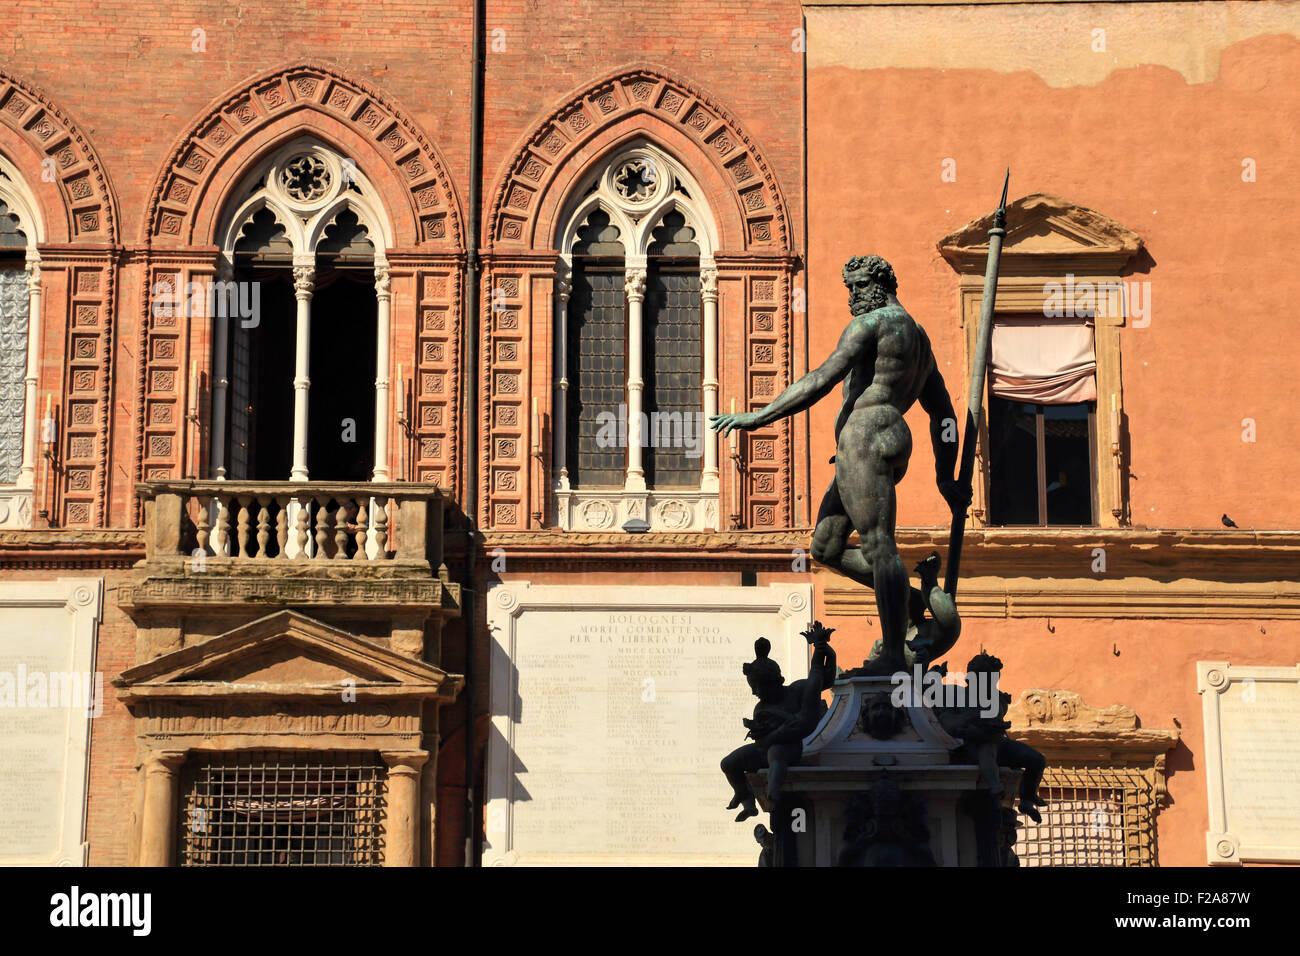 Palazzo d'Accursio, Sala Borsa, Fontana del Nettuno, Statue of Neptune on Piazza del Nettuno in Bologna, Italy - Stock Image